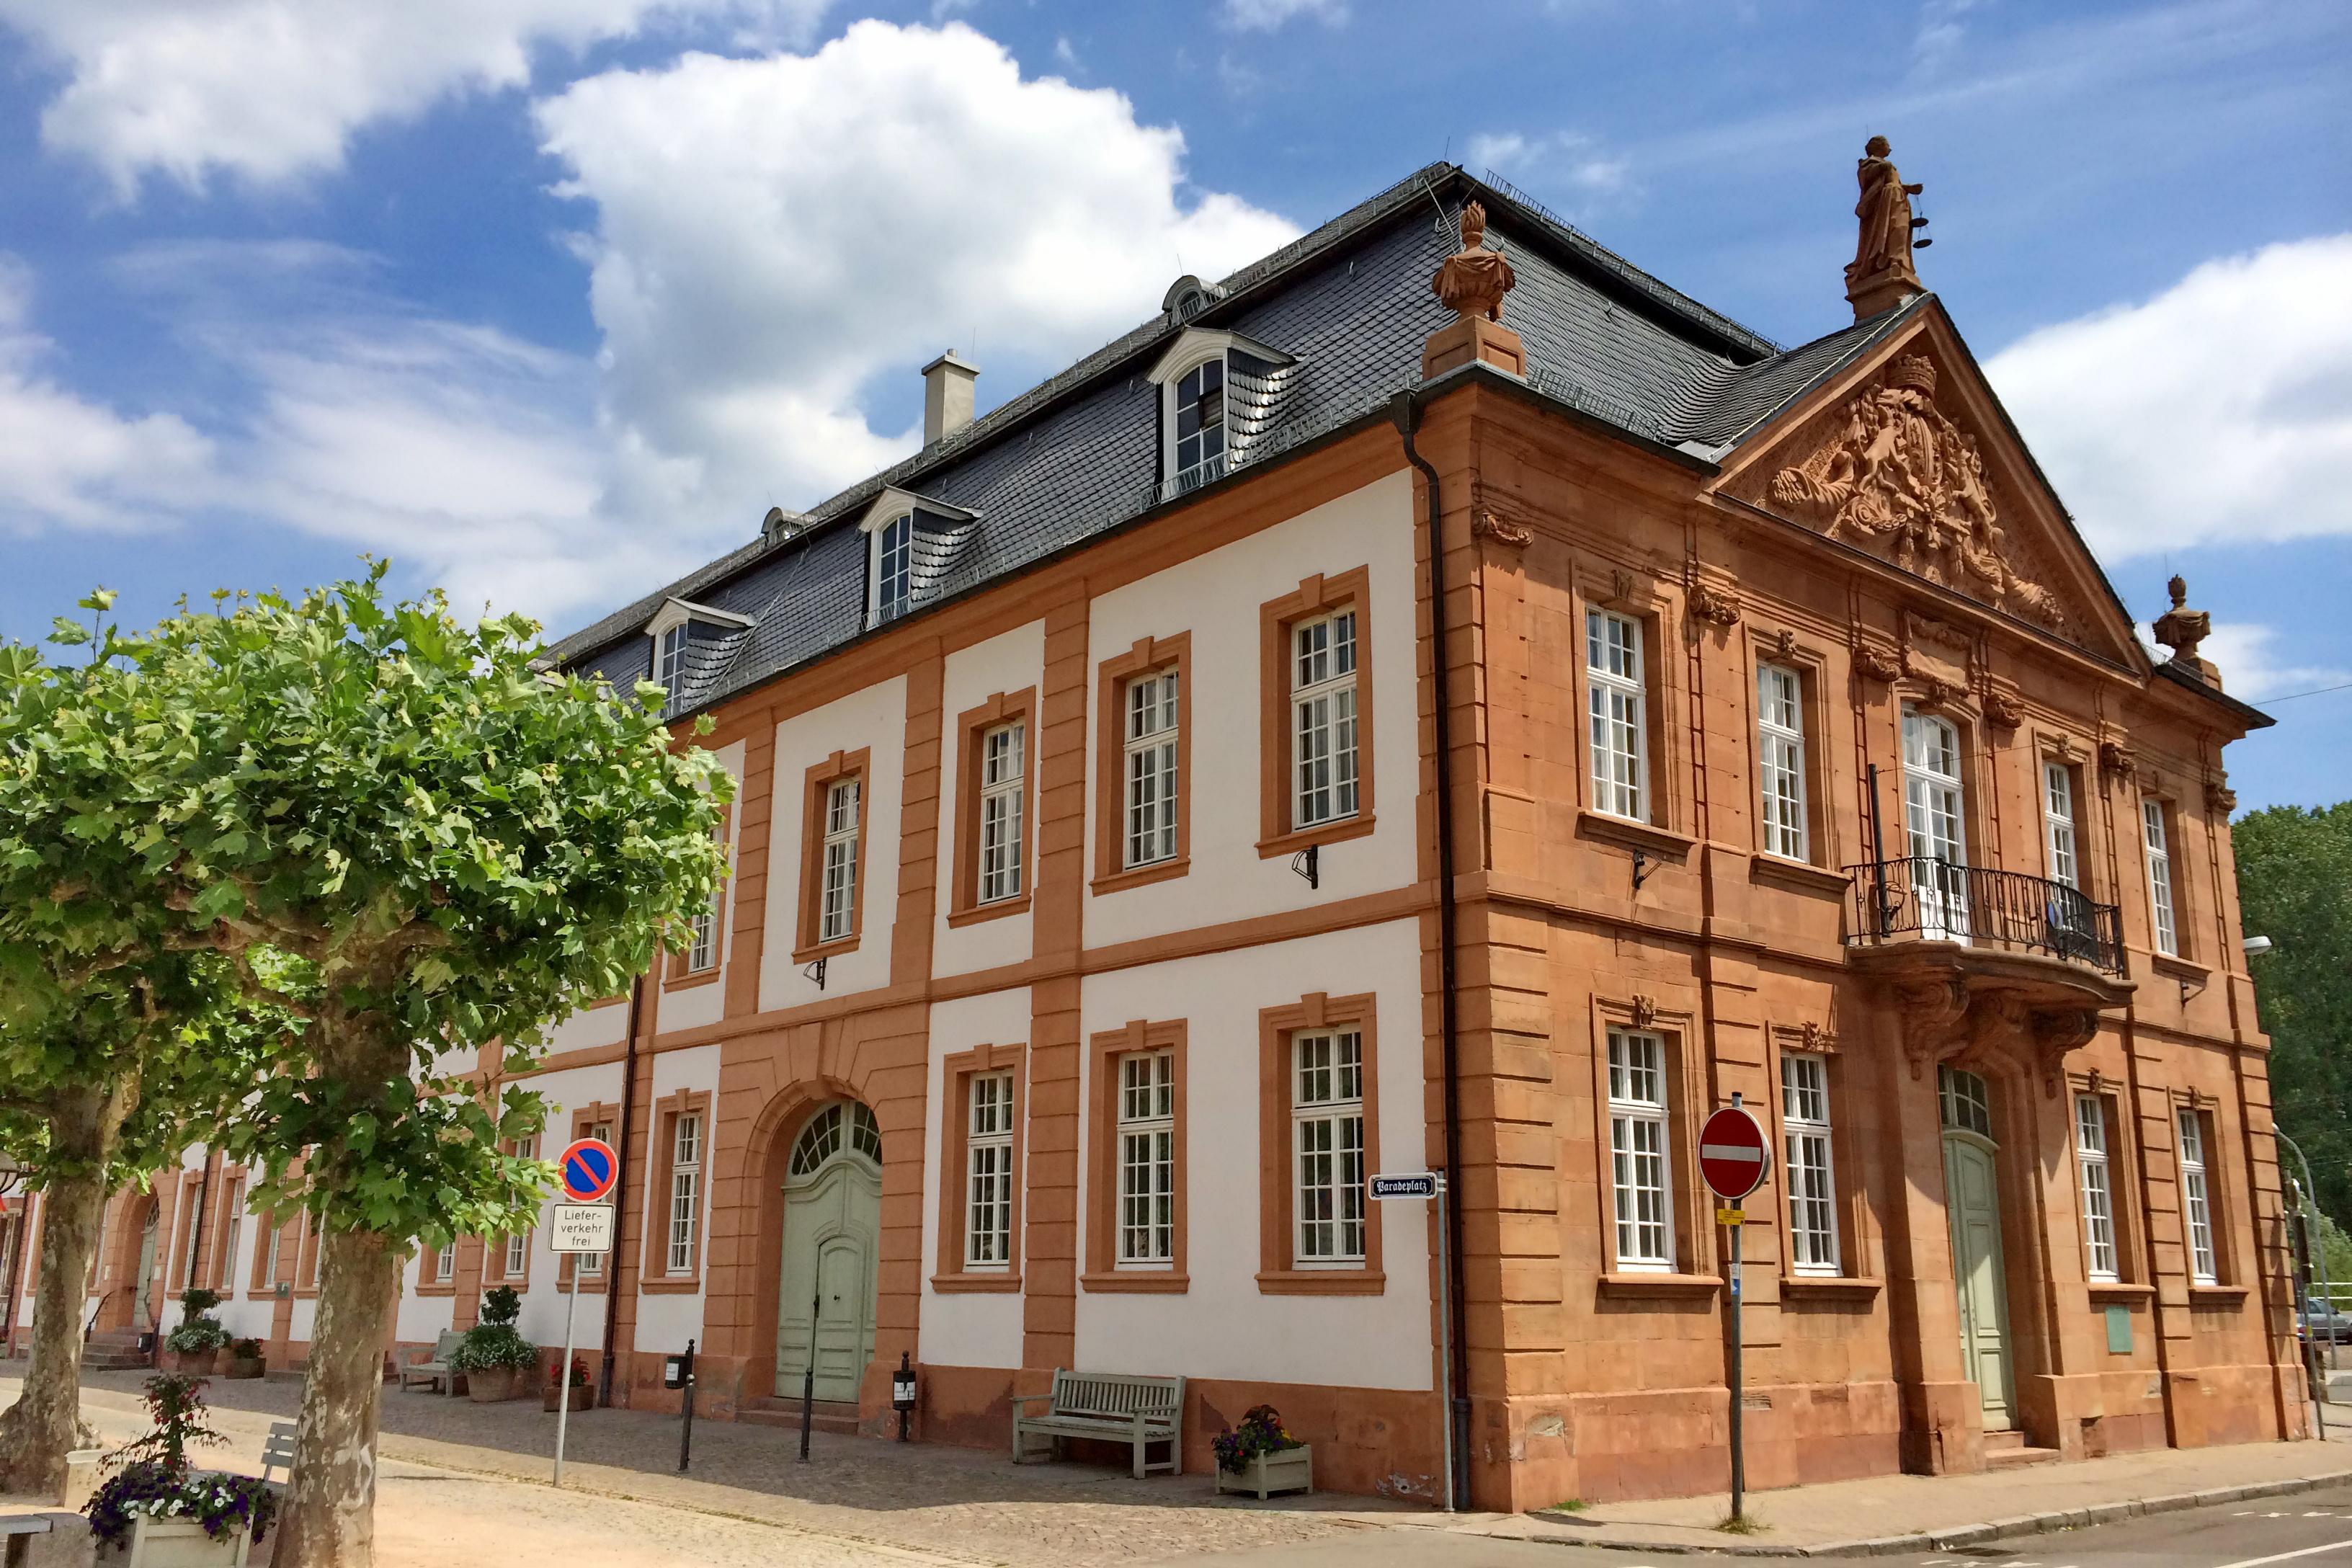 Rathaus von Blieskastel